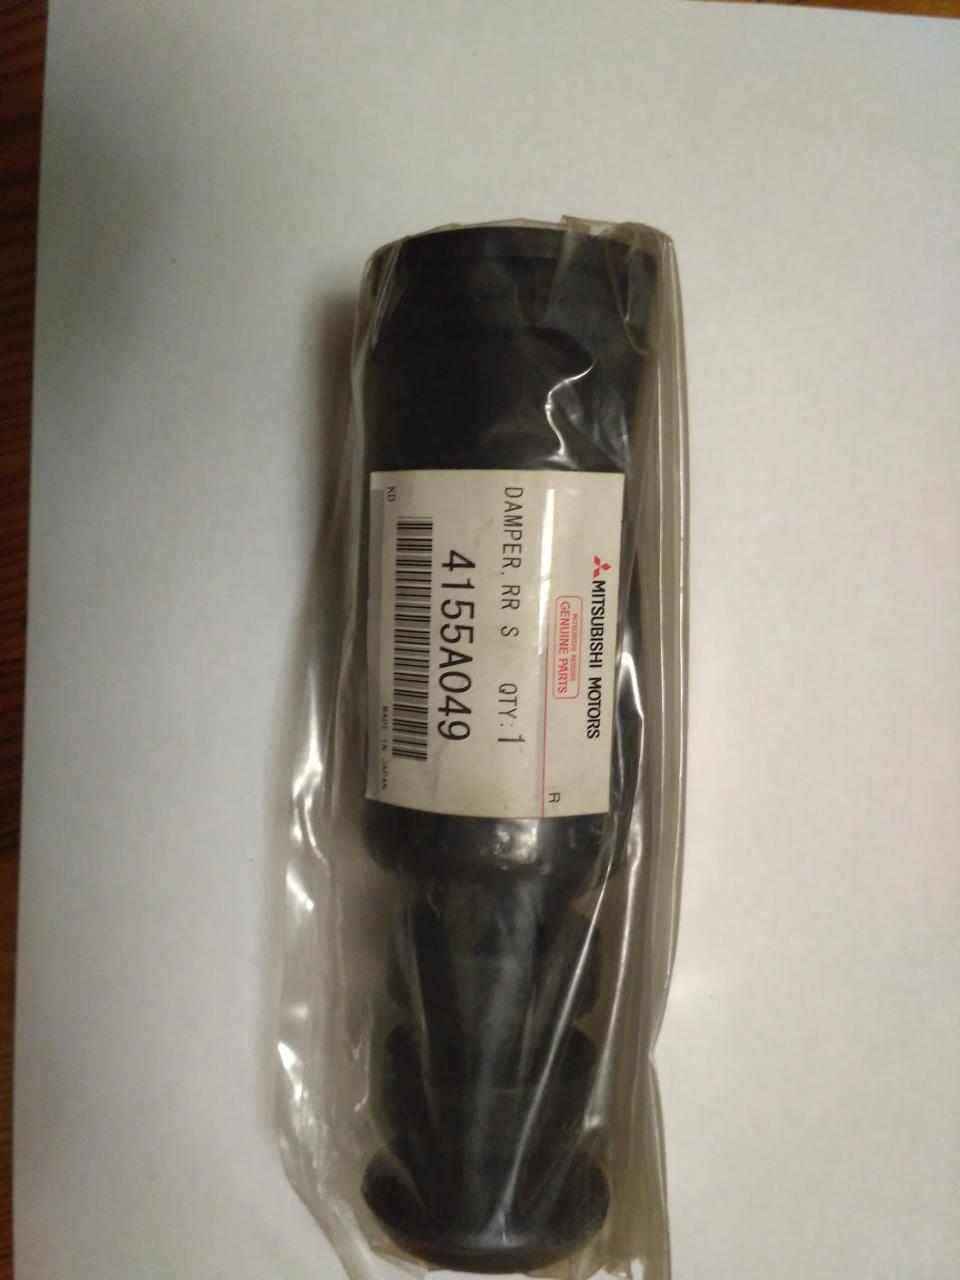 Пыльник амортизатора заднего 4155A049  (зам.MR510002) Lancer IX, Lancer X, Outlander XL